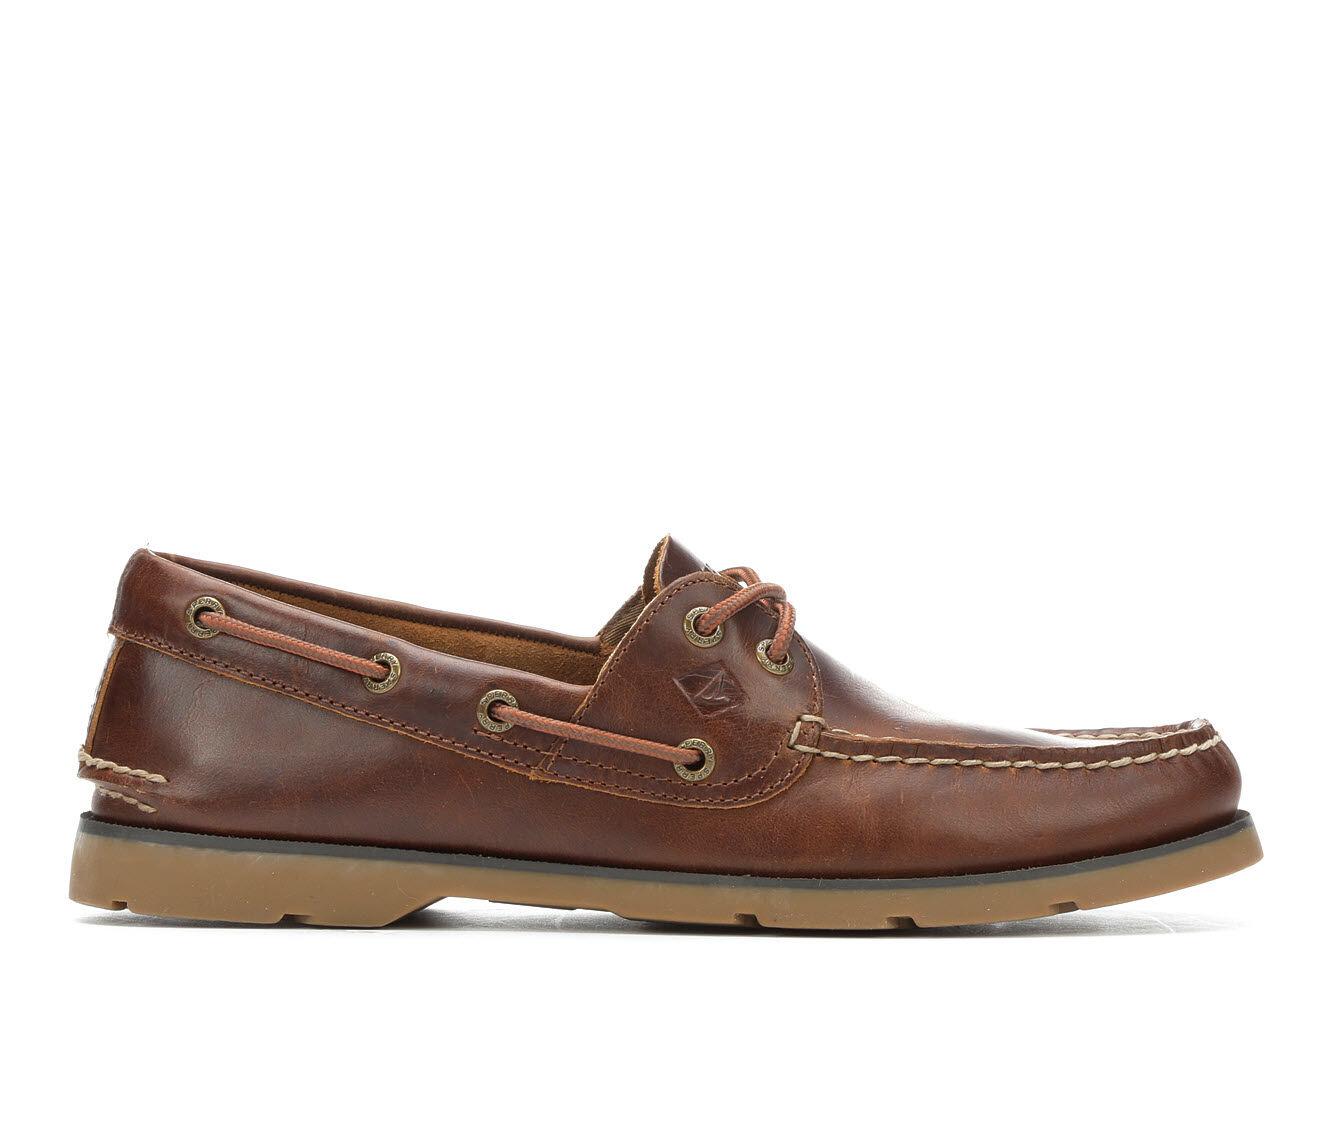 Men's Sperry Leeward 2 Eye Boat Shoes Tan